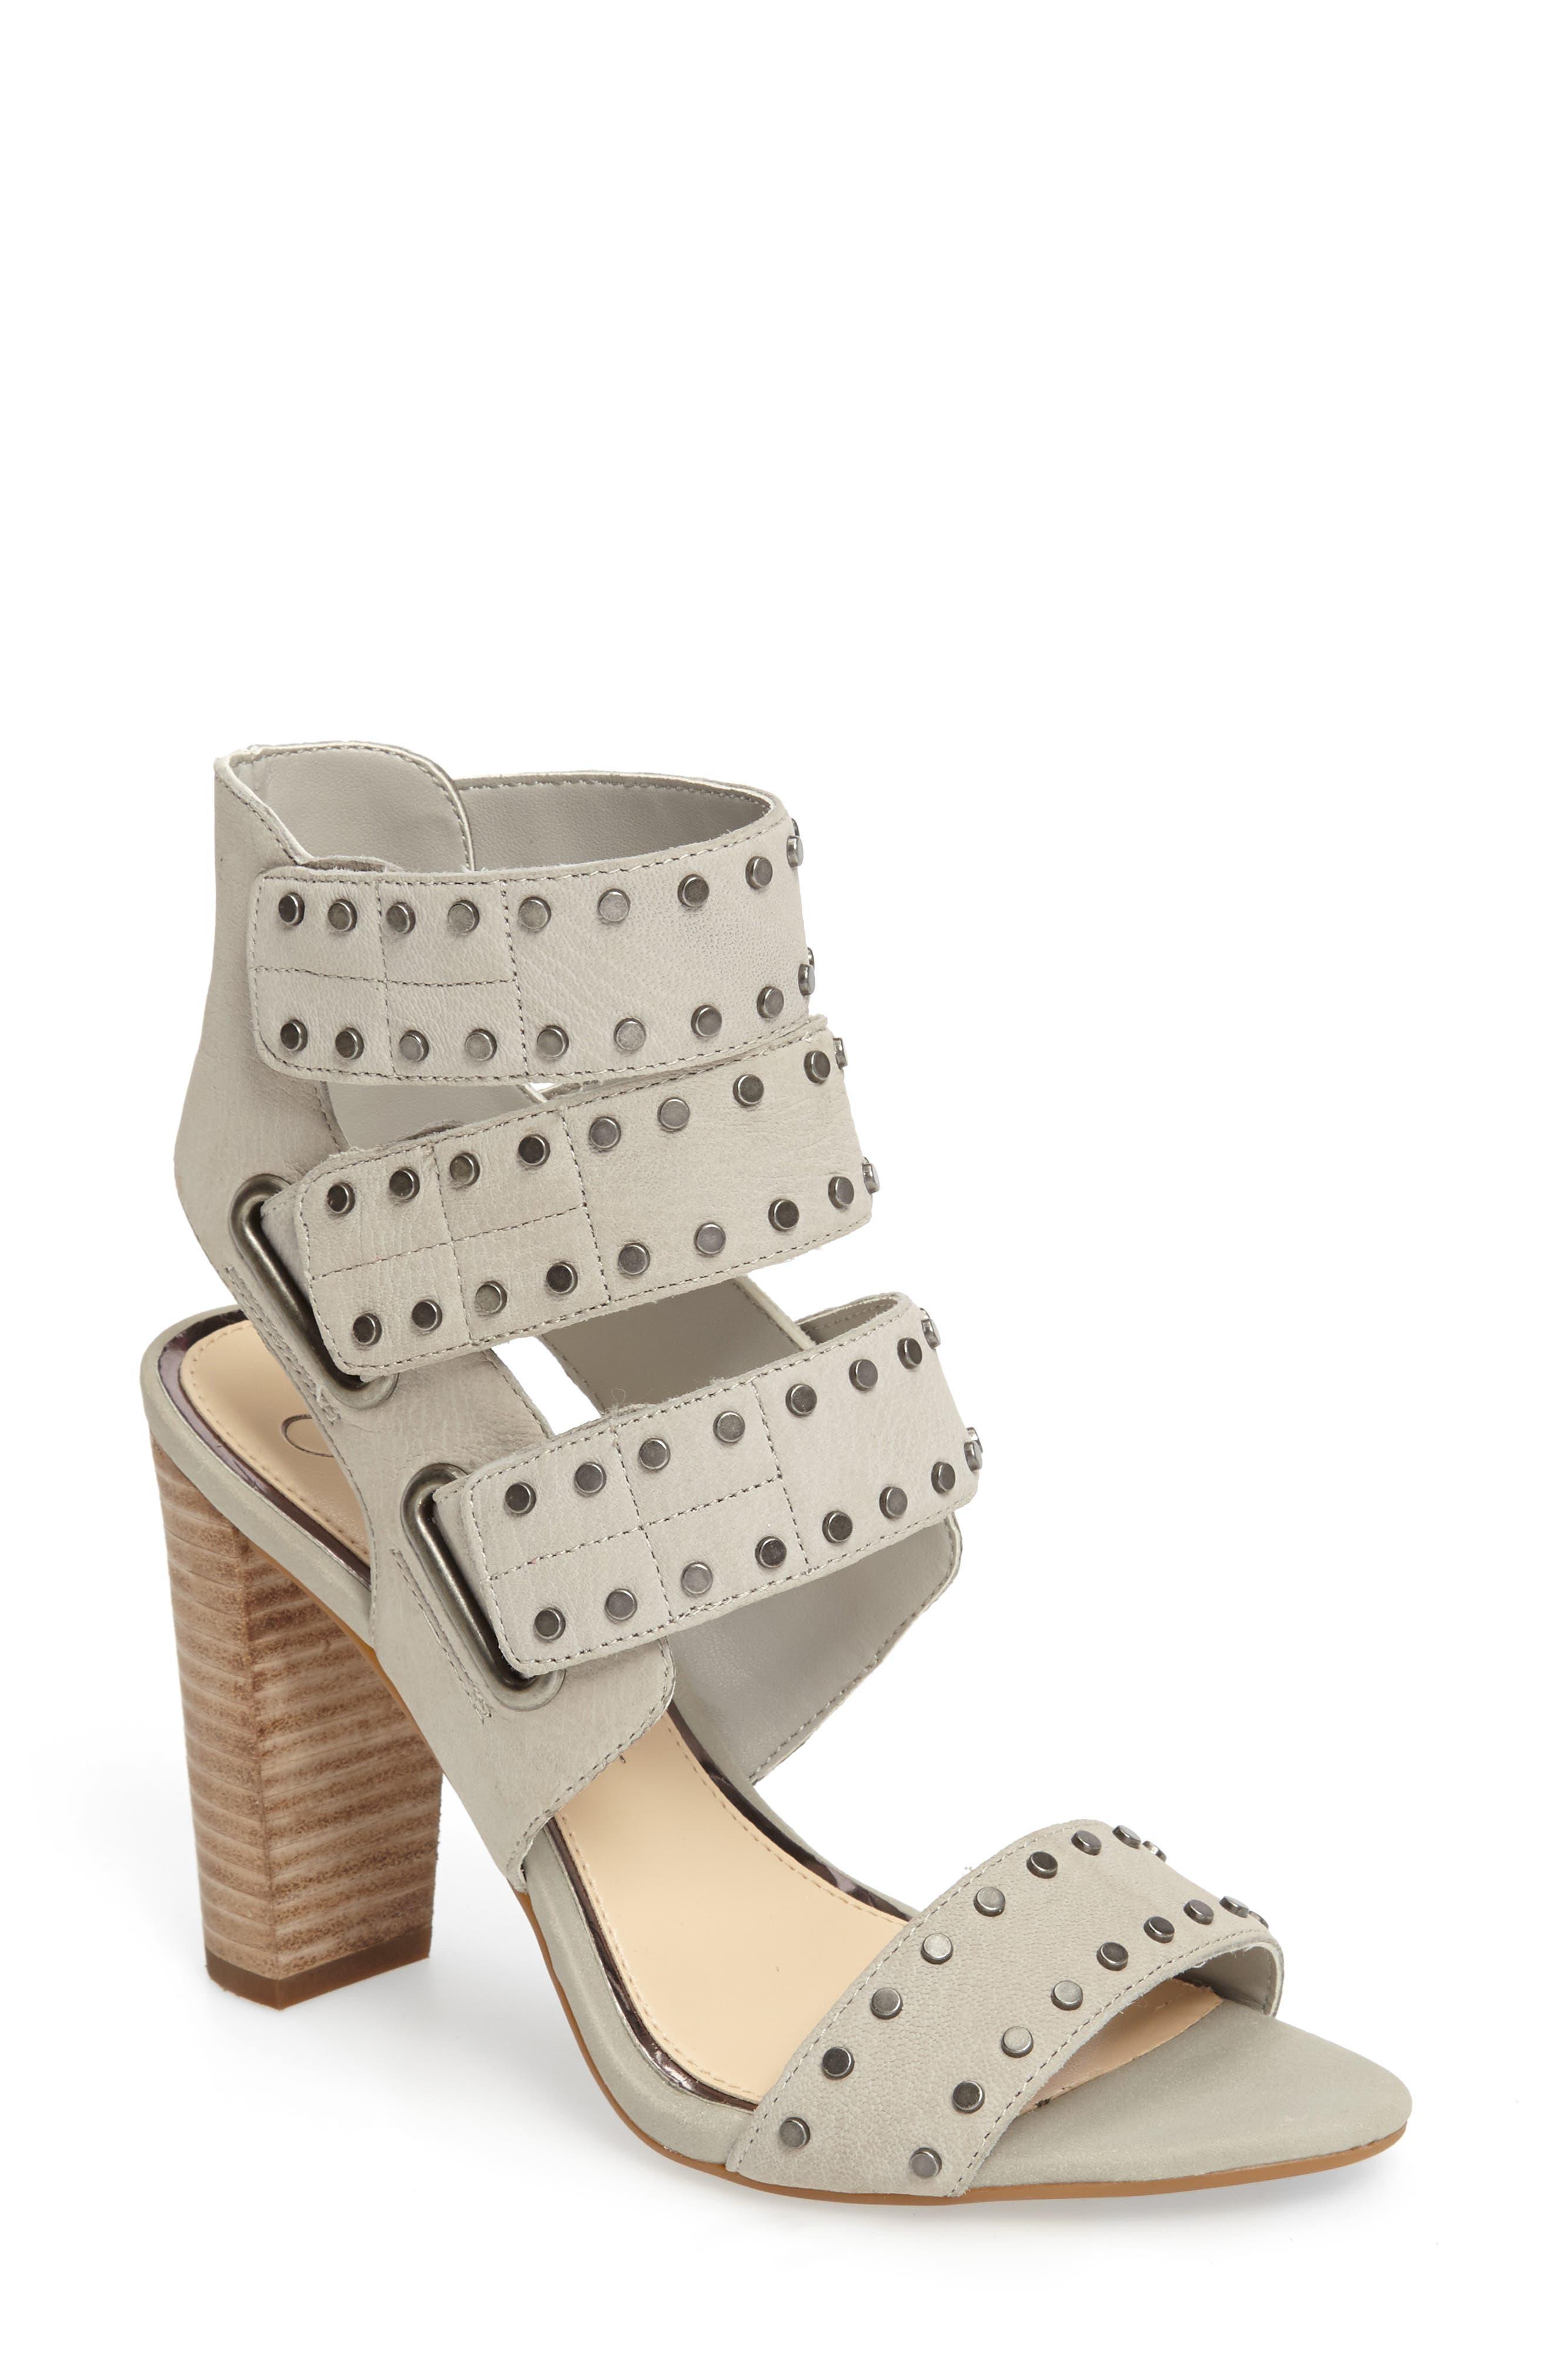 Image of Jessica Simpson Elanna Hi Heel Sandal